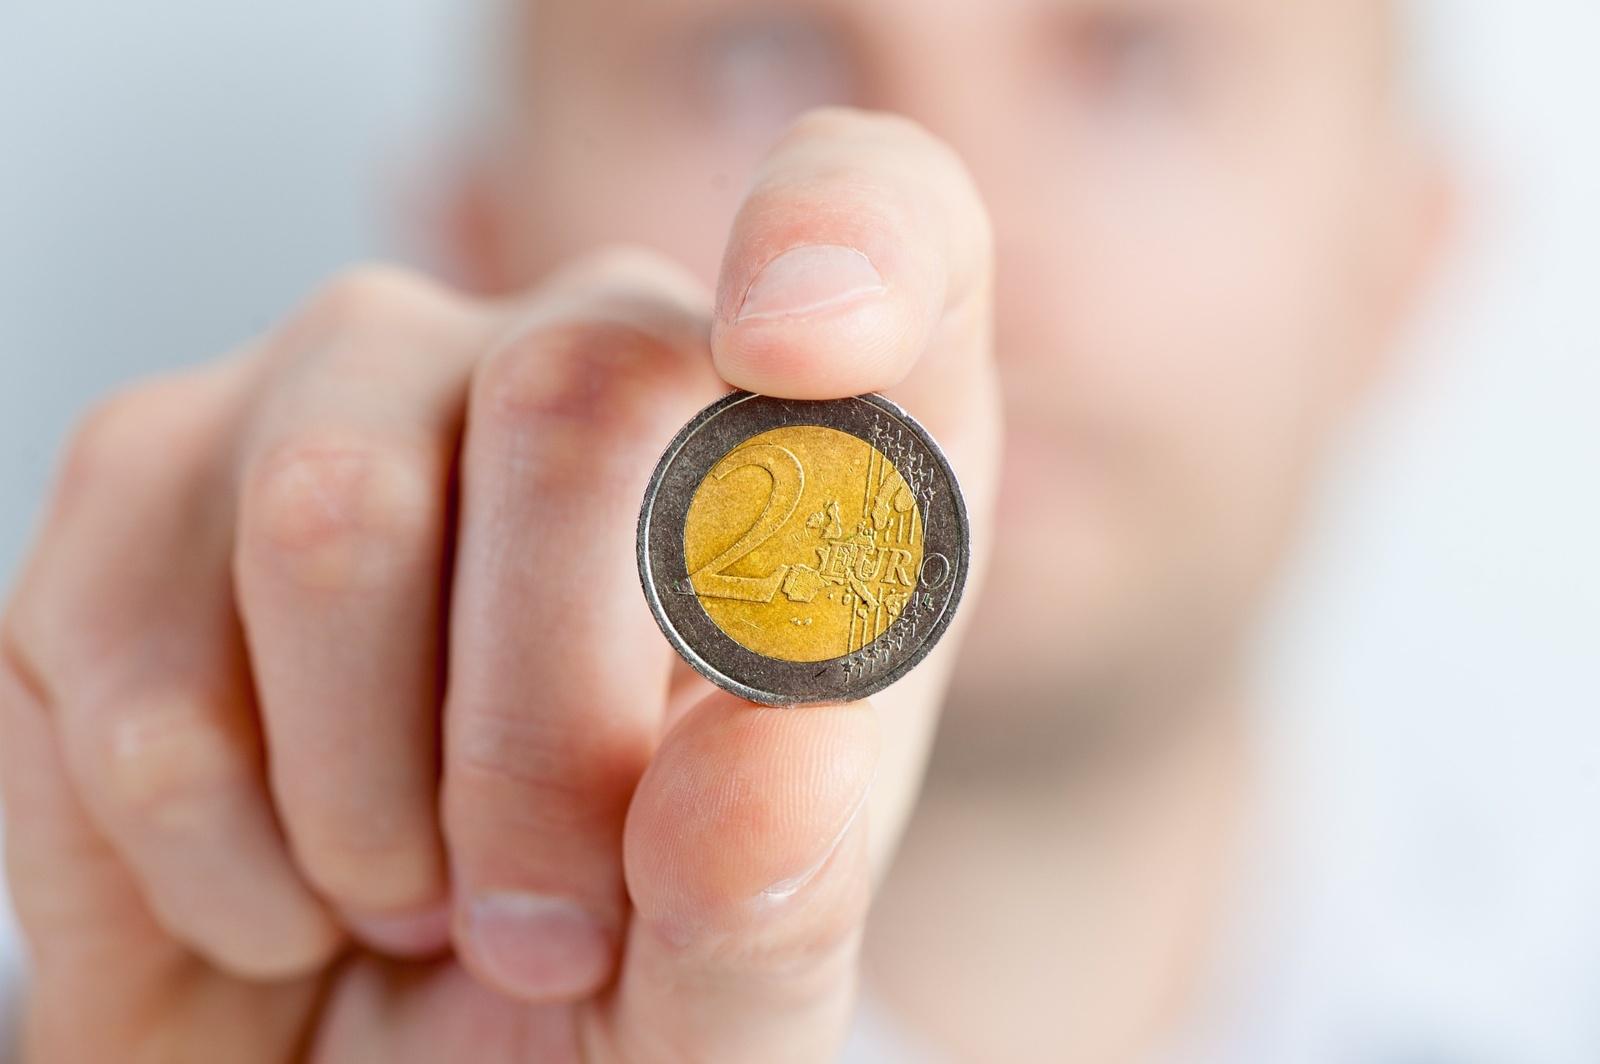 kaip užsidirbti pinigų internetu naudojant investicijas kriptovaliutos kranai su greitu išėmimu